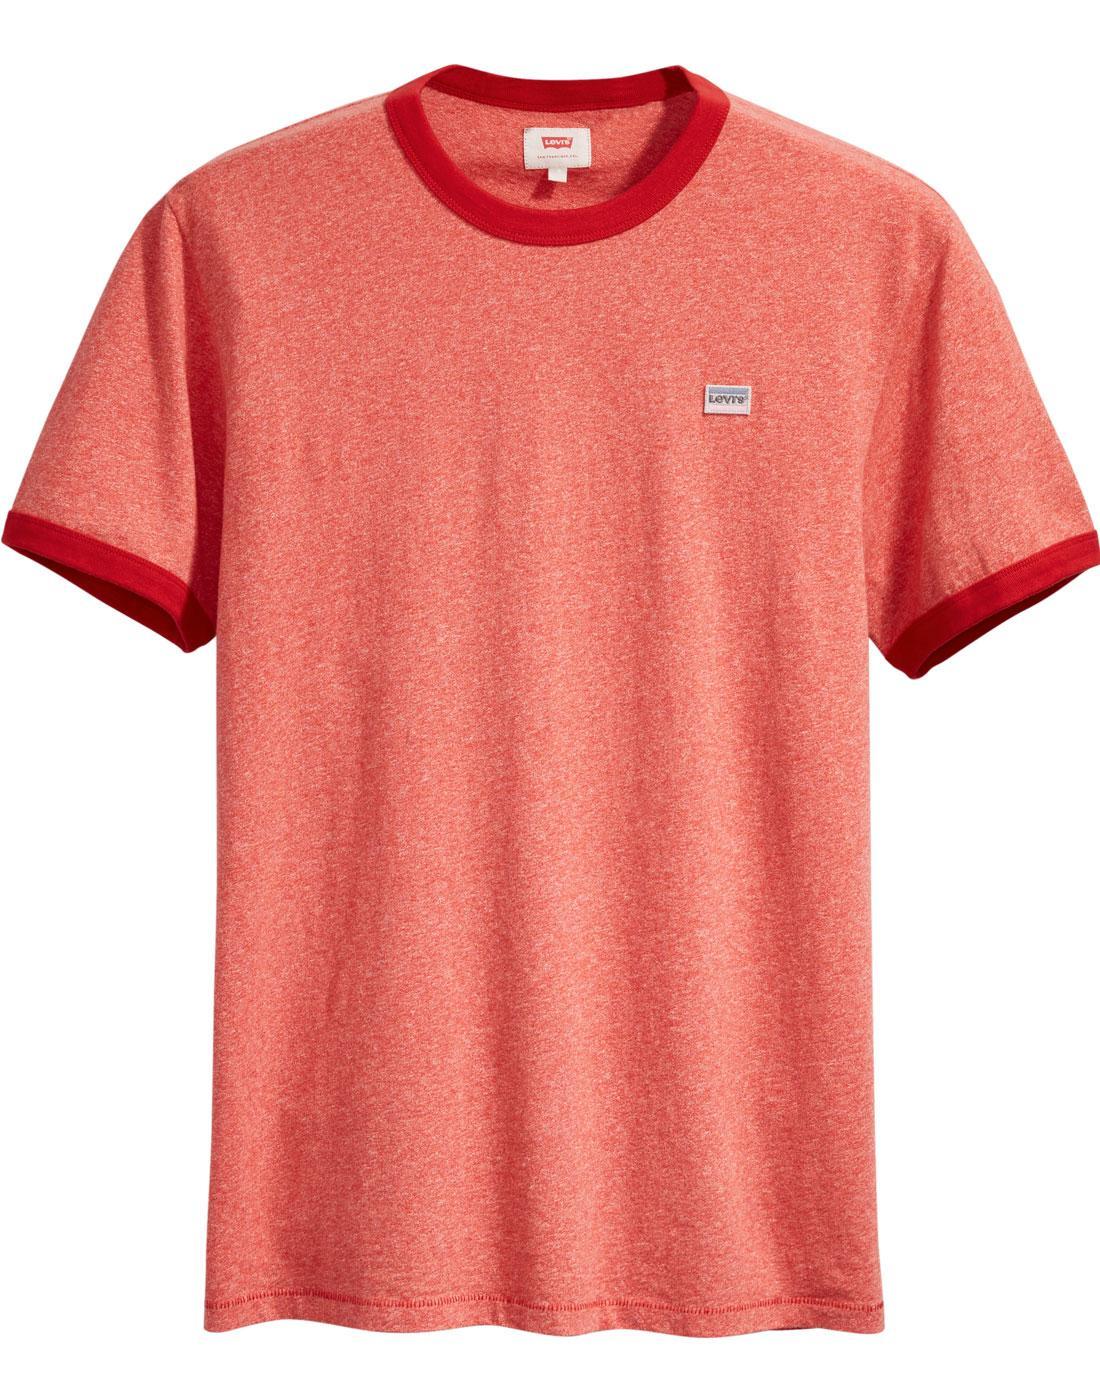 Bernel LEVI'S Retro 70s Ringer T-shirt SUNSET RED